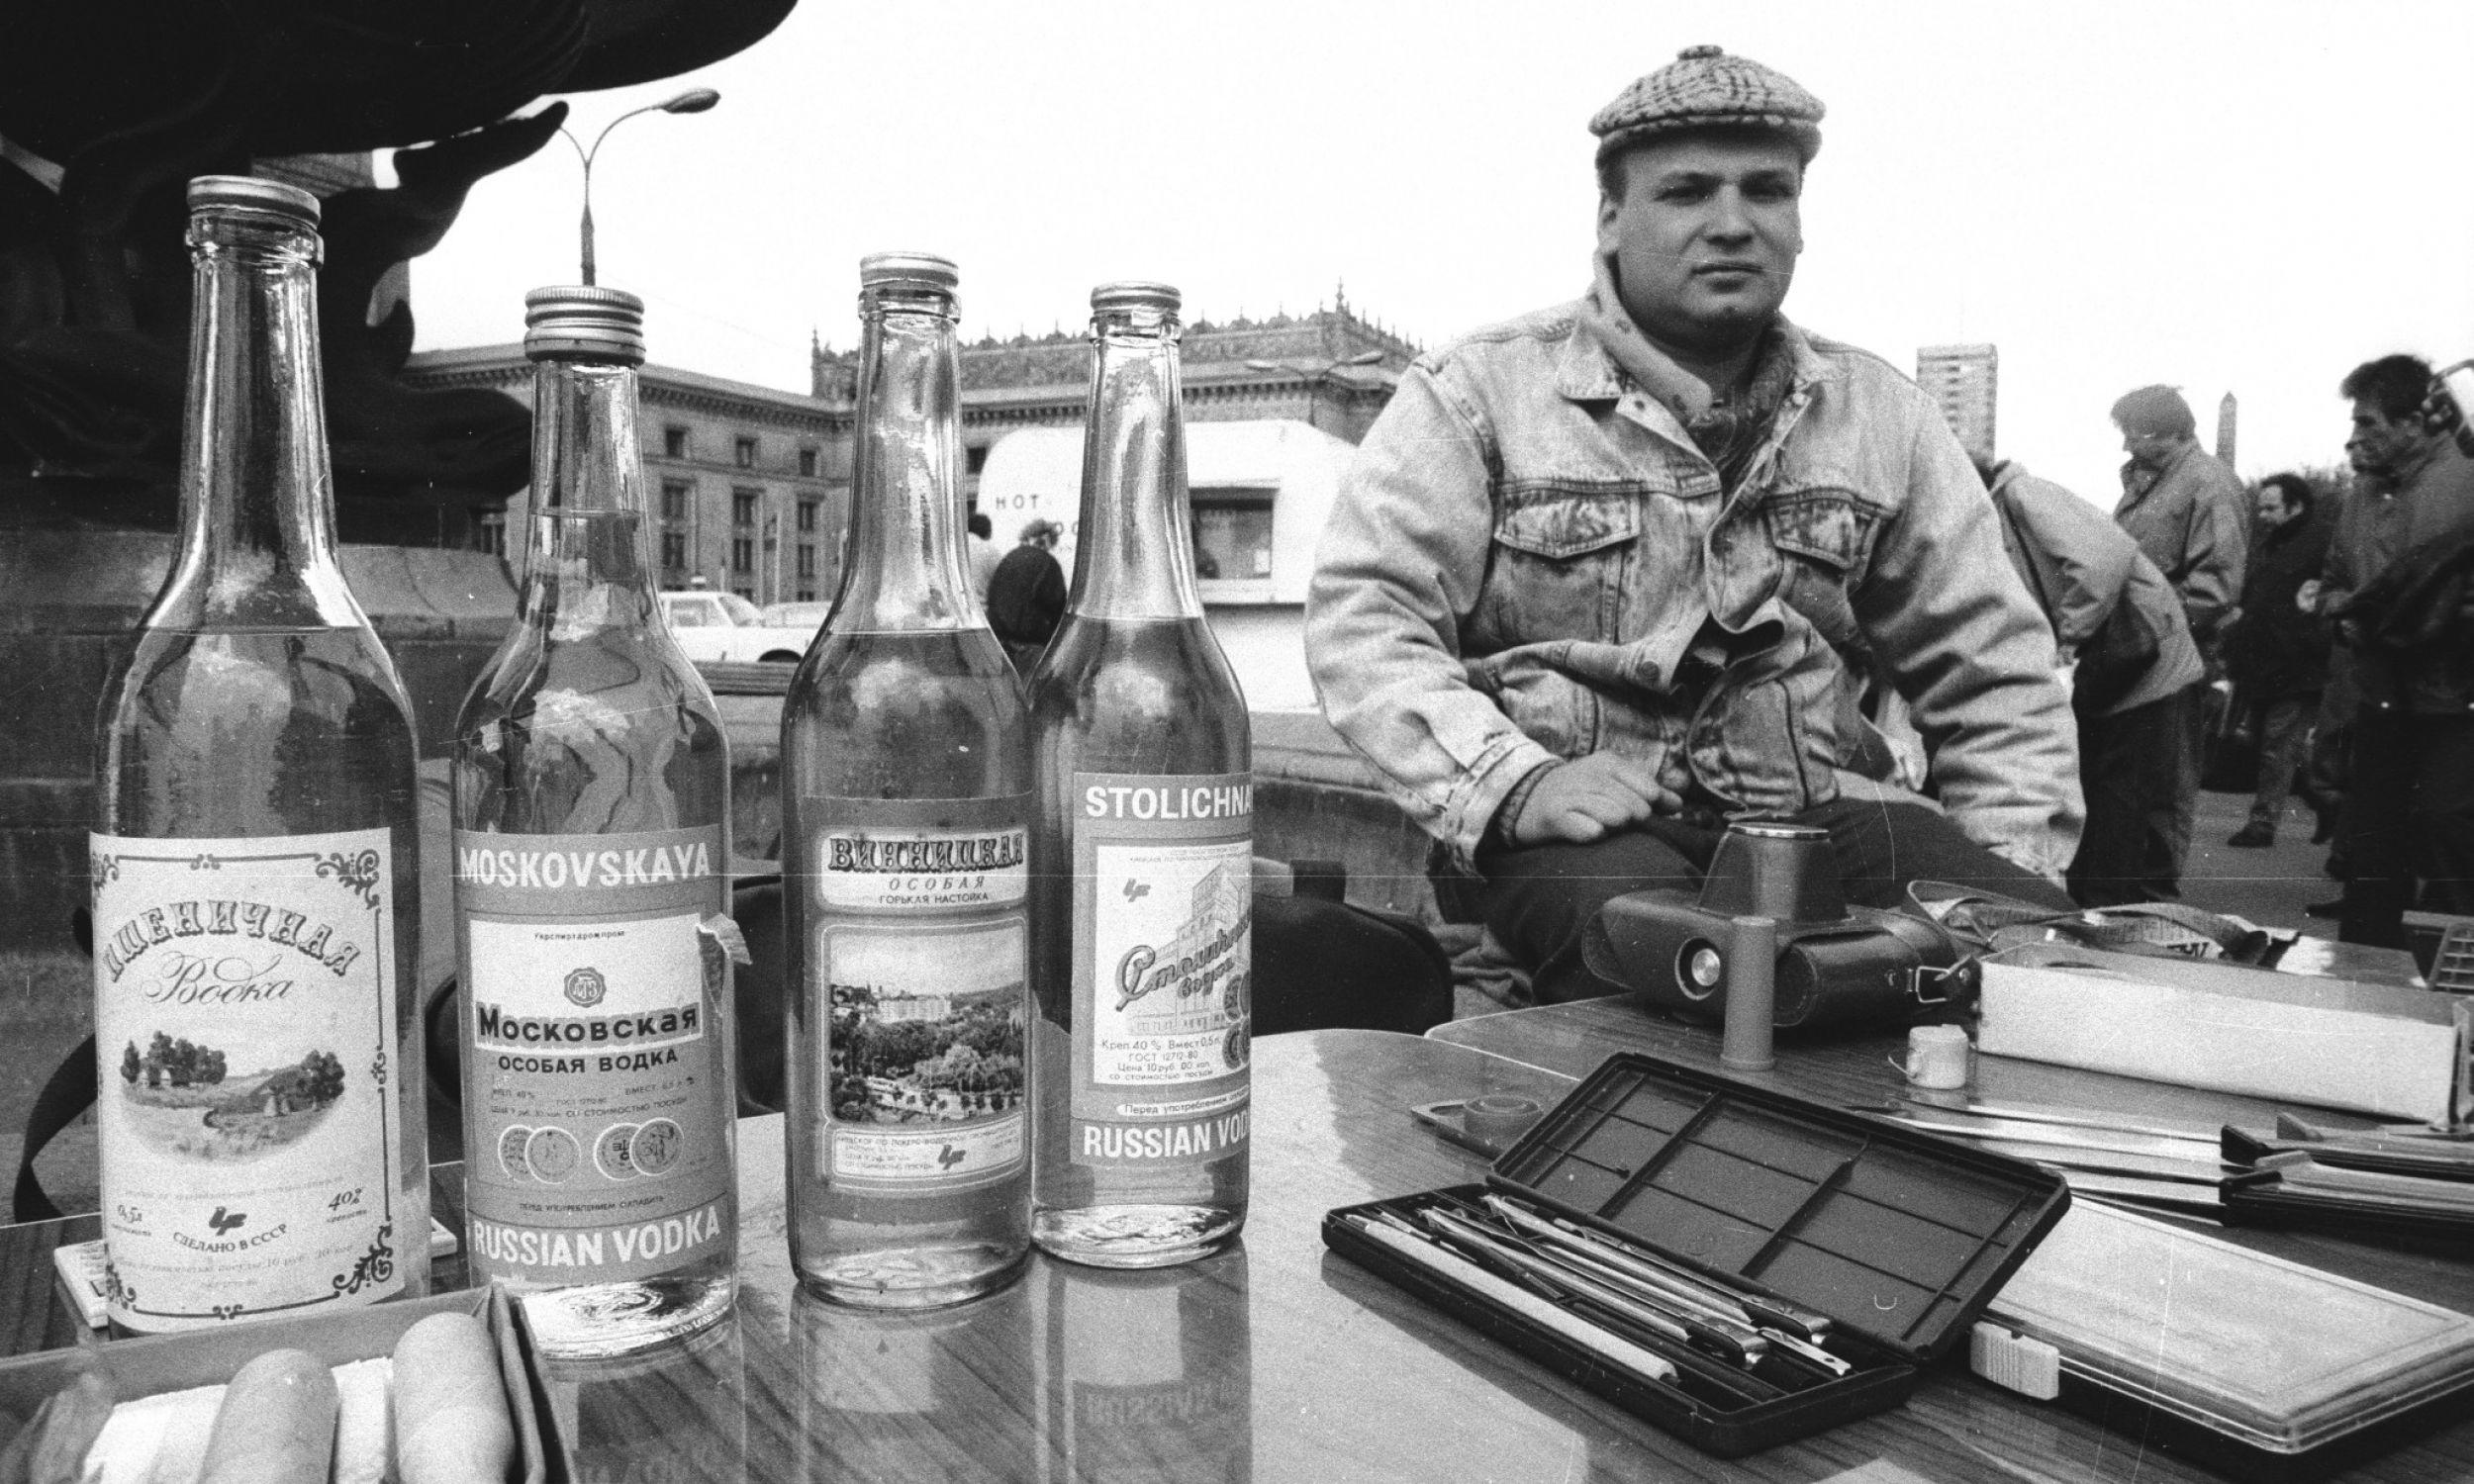 Warszawa, 18.04.1991 r. Handel przed Pałacem Kultury i Nauki. Najbardziej znane marki radzieckiej wódki: